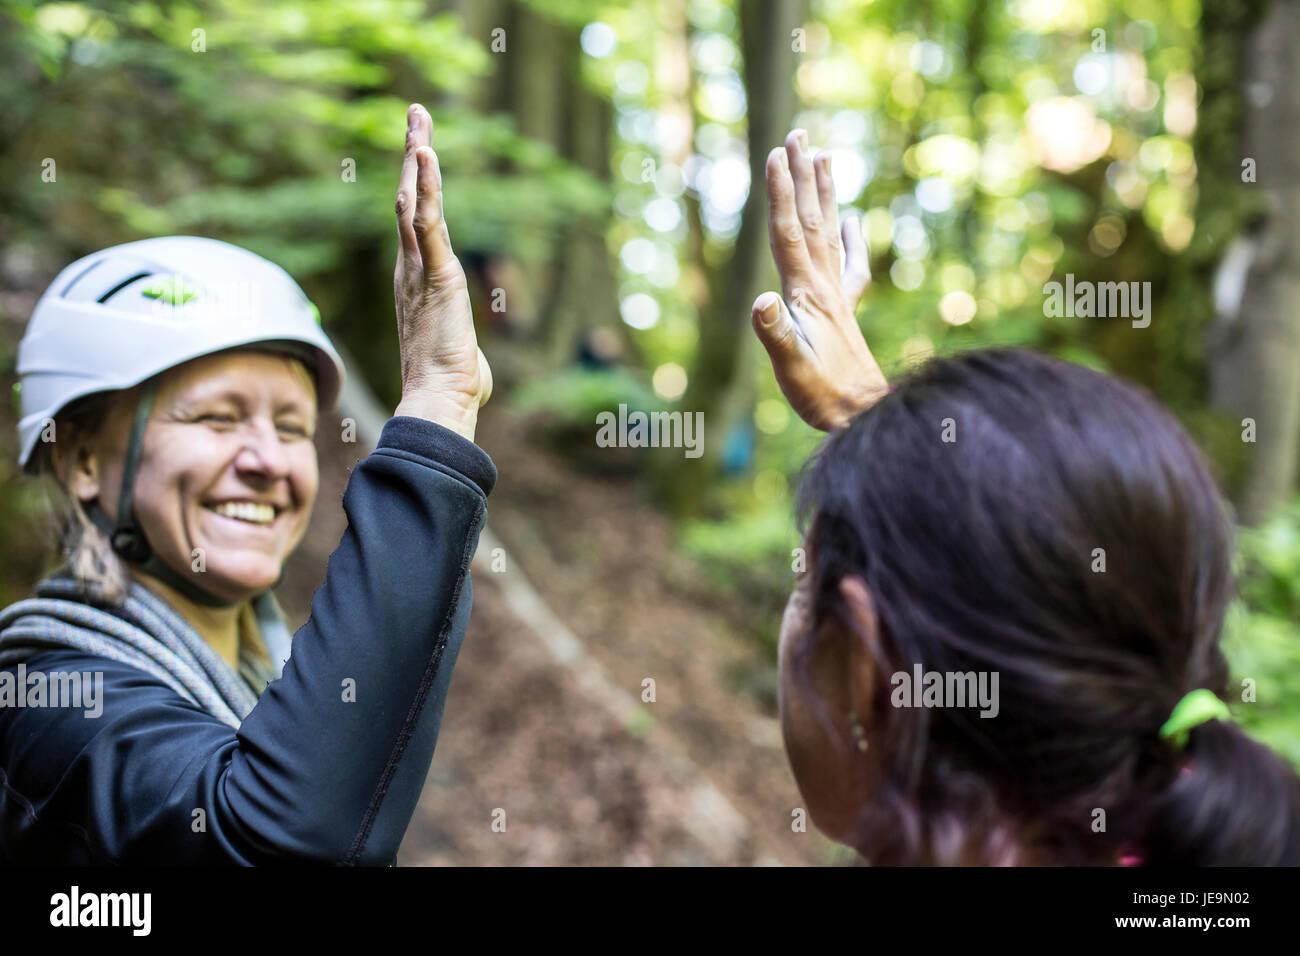 Zwei Frauen bei Klettern haben Spaß - Stock Image